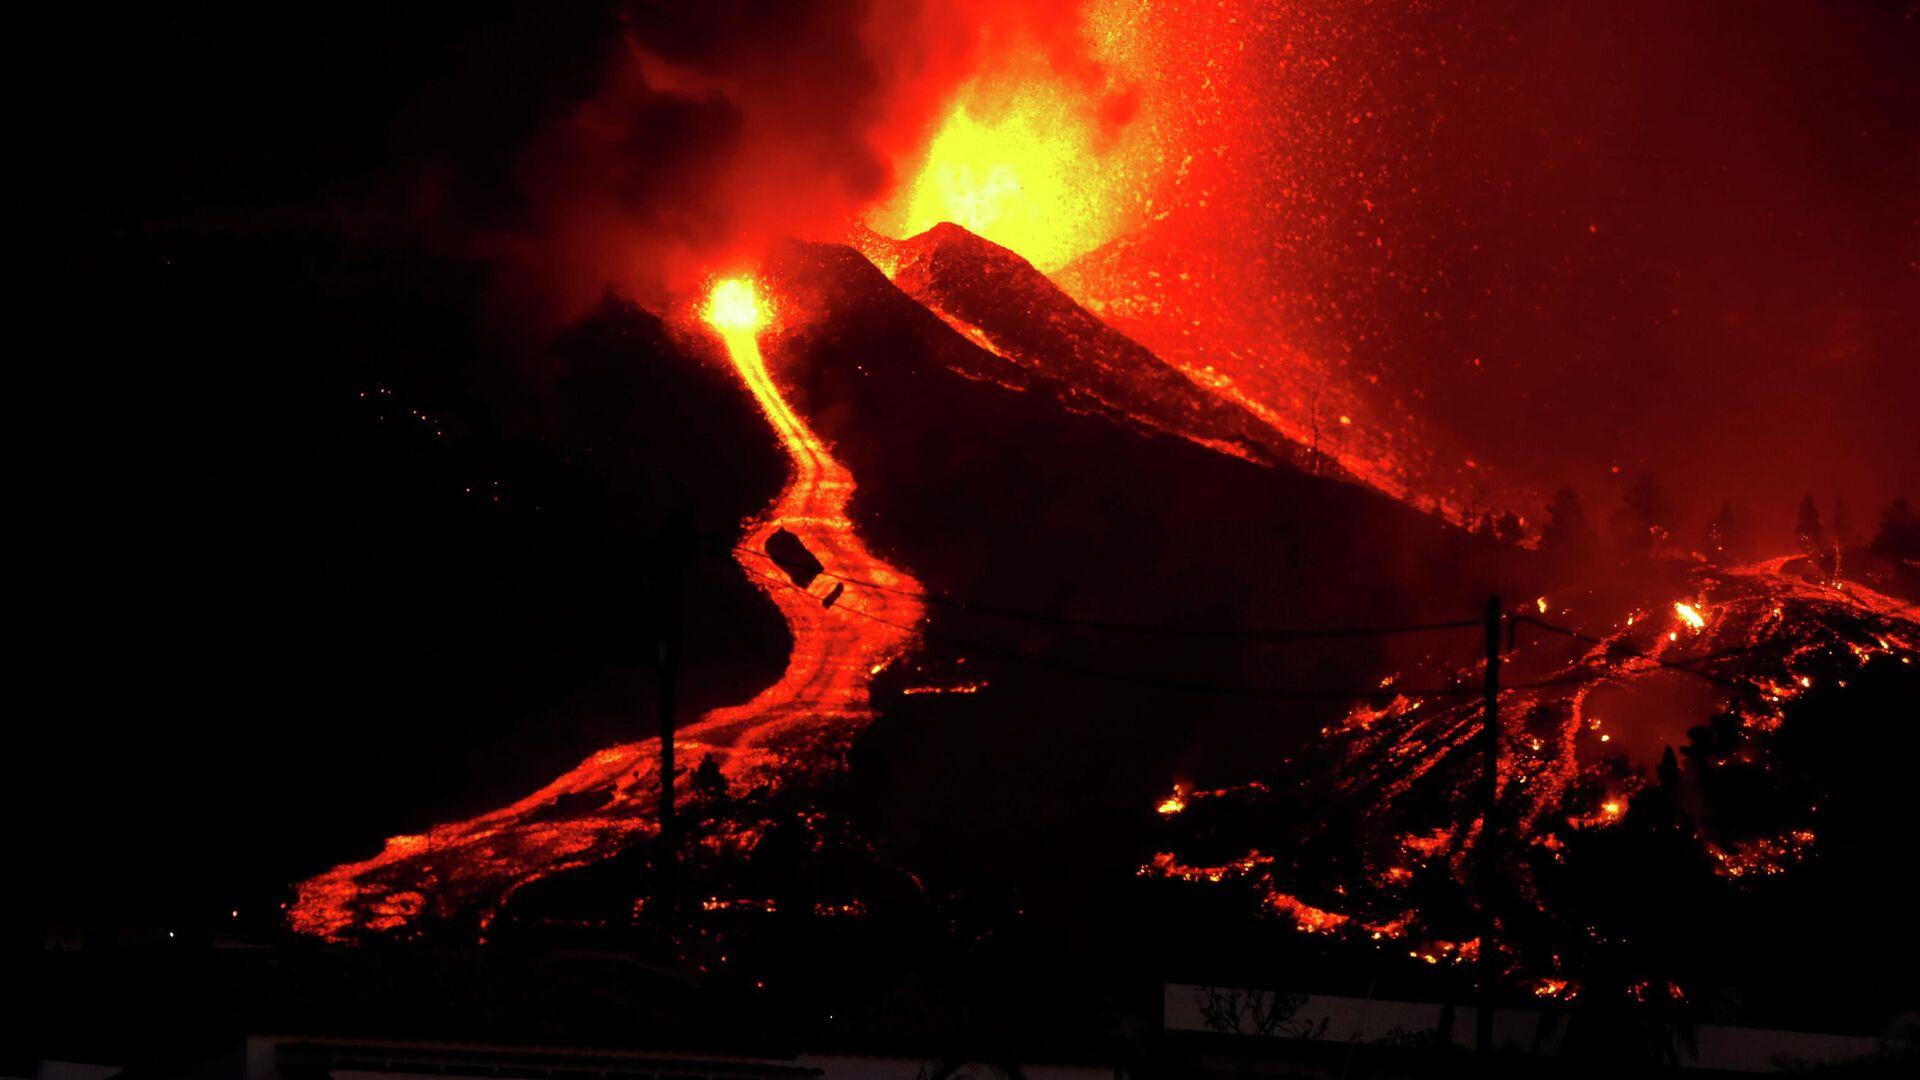 Извержение вулкана на испанском острове Пальма - РИА Новости, 1920, 27.09.2021